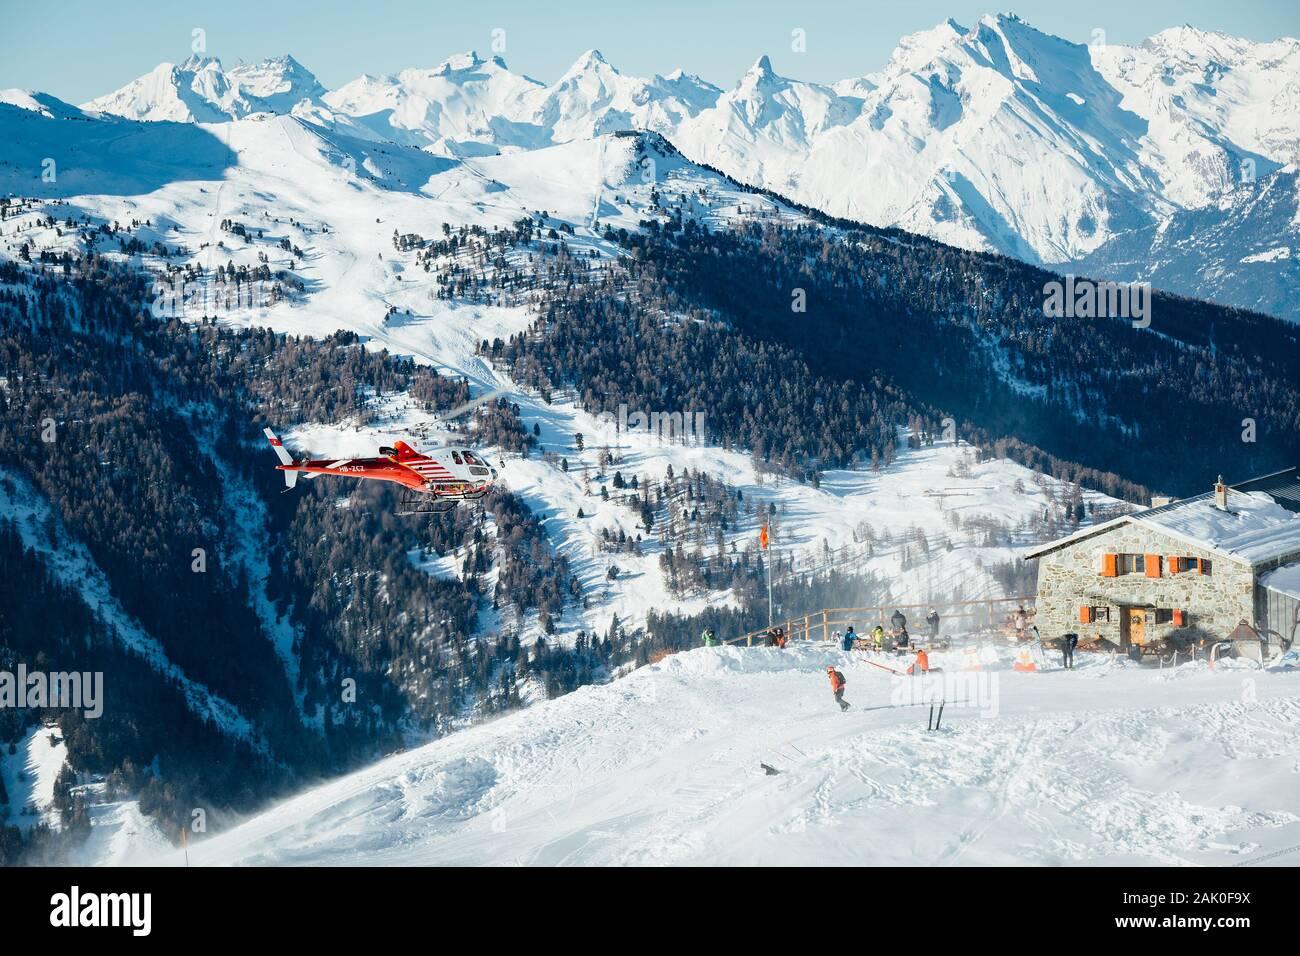 St Luc, Suiza - 30 de diciembre de 2019: rescate de montaña suizo helicóptero despegaba después de recoger heridos esquiador en una estación de esquí de los Alpes Suizos. Foto de stock